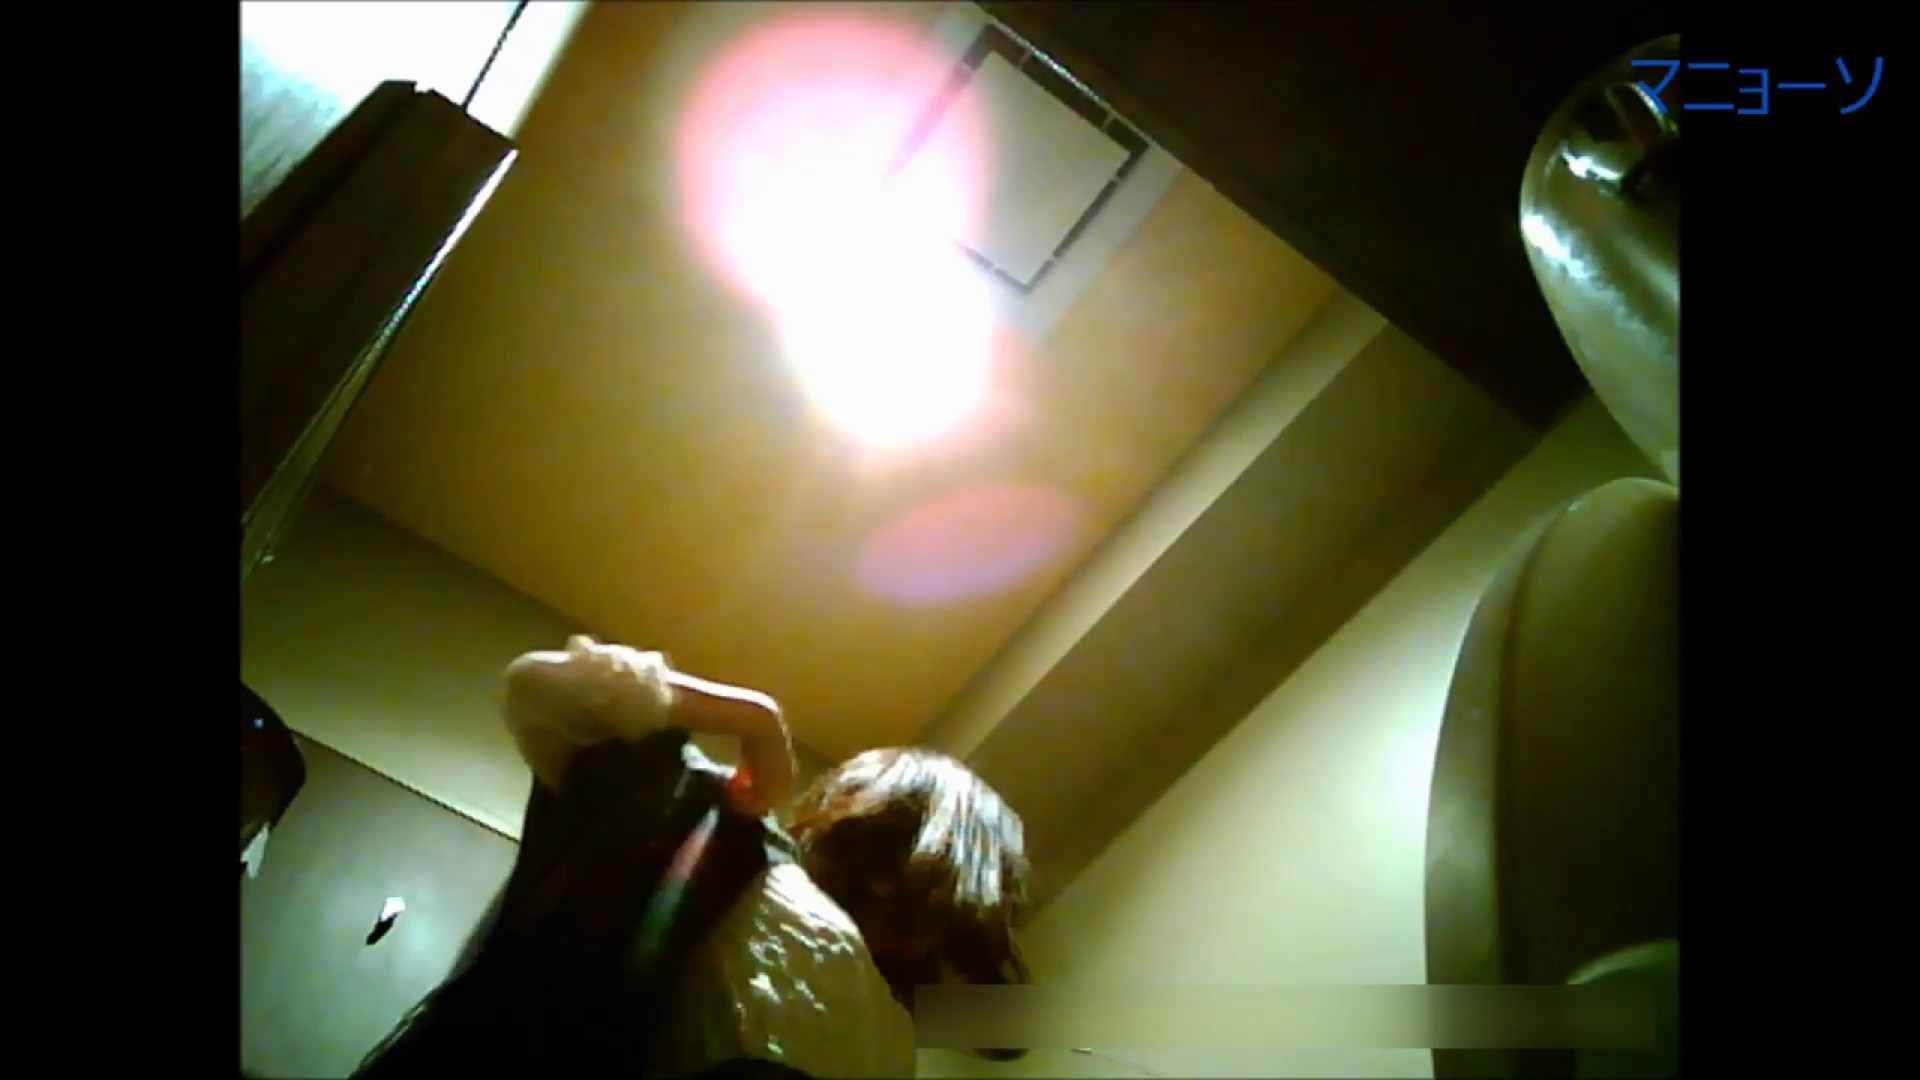 トイレでひと肌脱いでもらいました (JD編)Vol.02 トイレ中の女子達 | エッチすぎるOL達  106連発 75